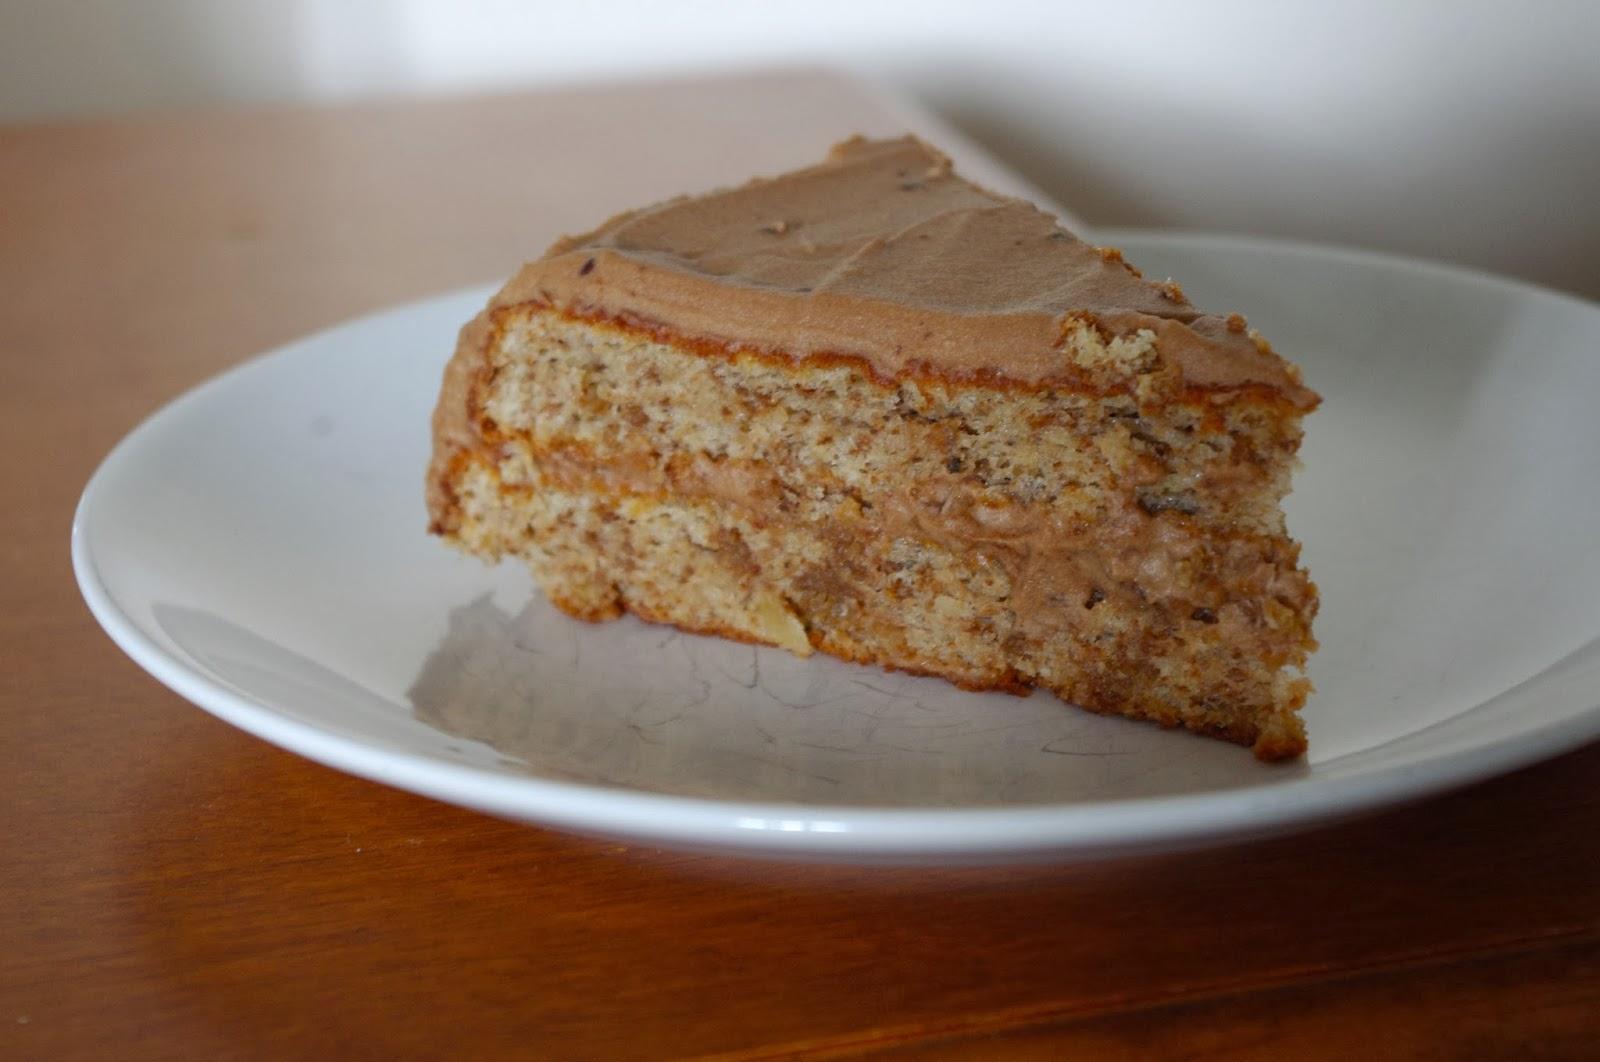 torte walnut mocha torte i saw this walnut mocha torte tried out this ...